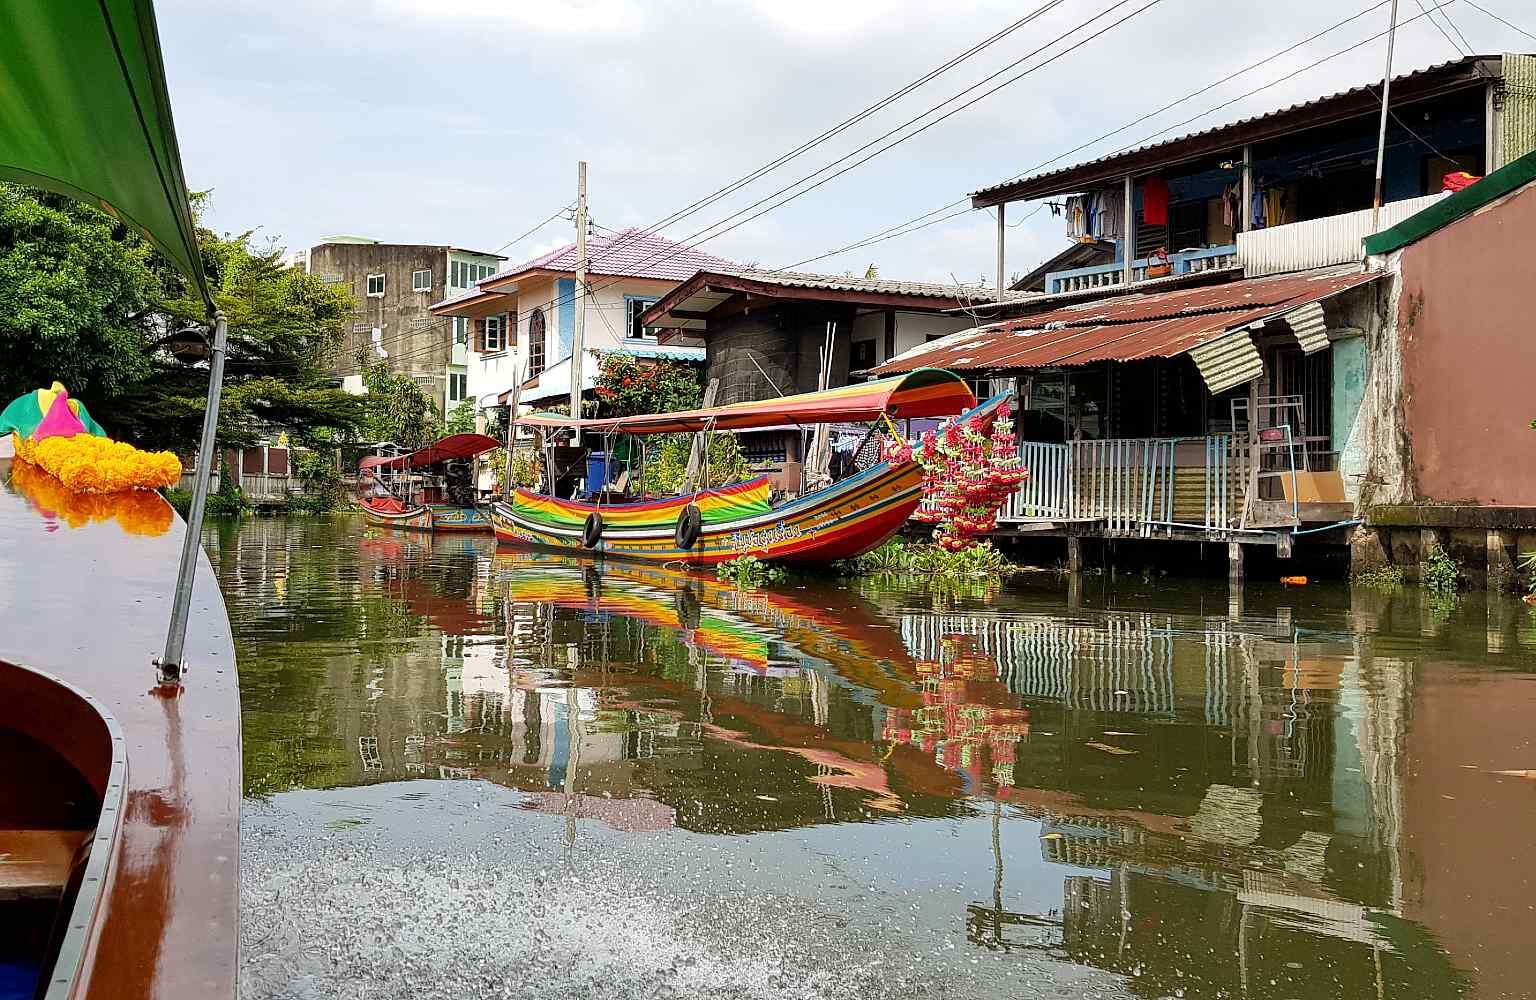 Twee longtailboten kruisen elkaar op de rivier